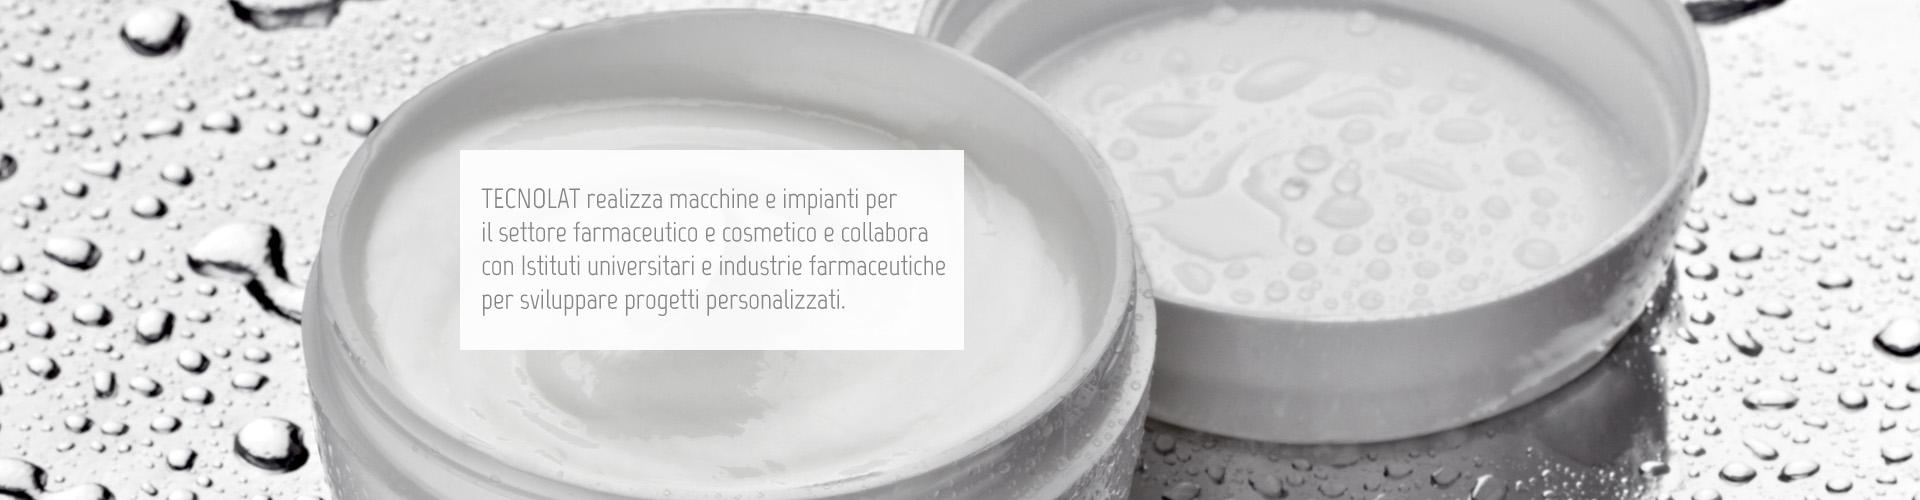 macchine_cosmetico